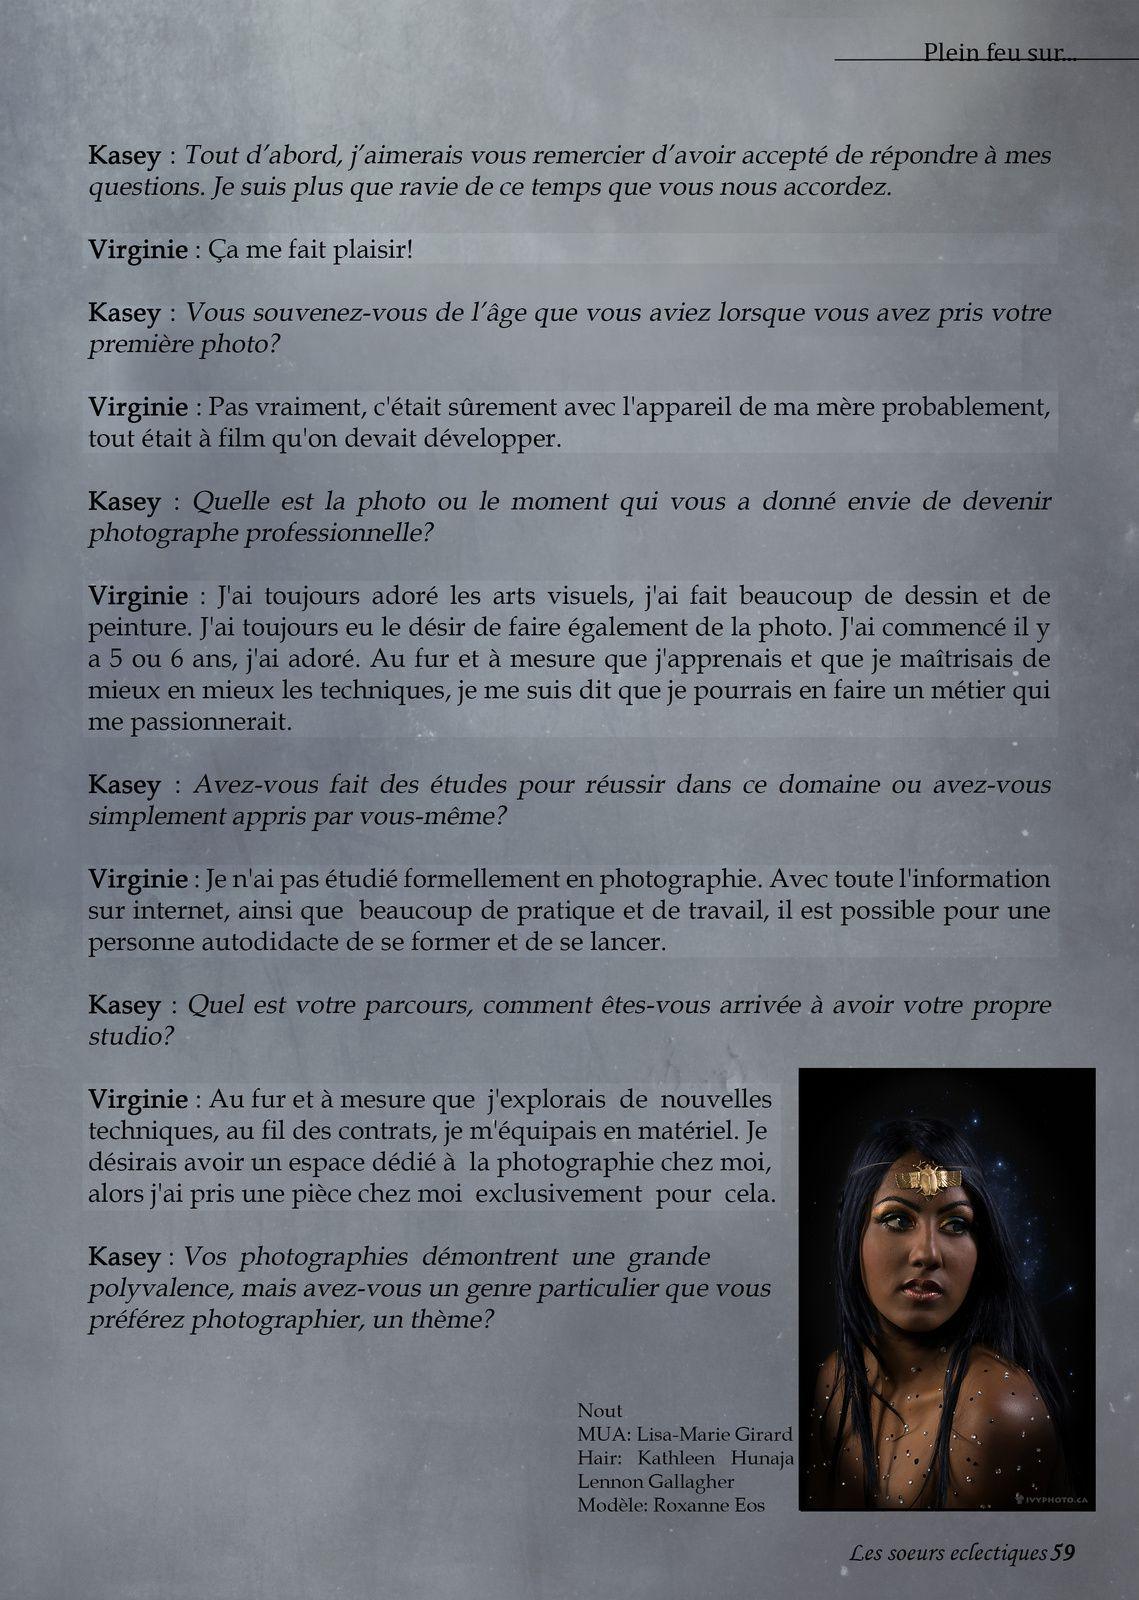 Virginie Ivy Dubé-Ménard